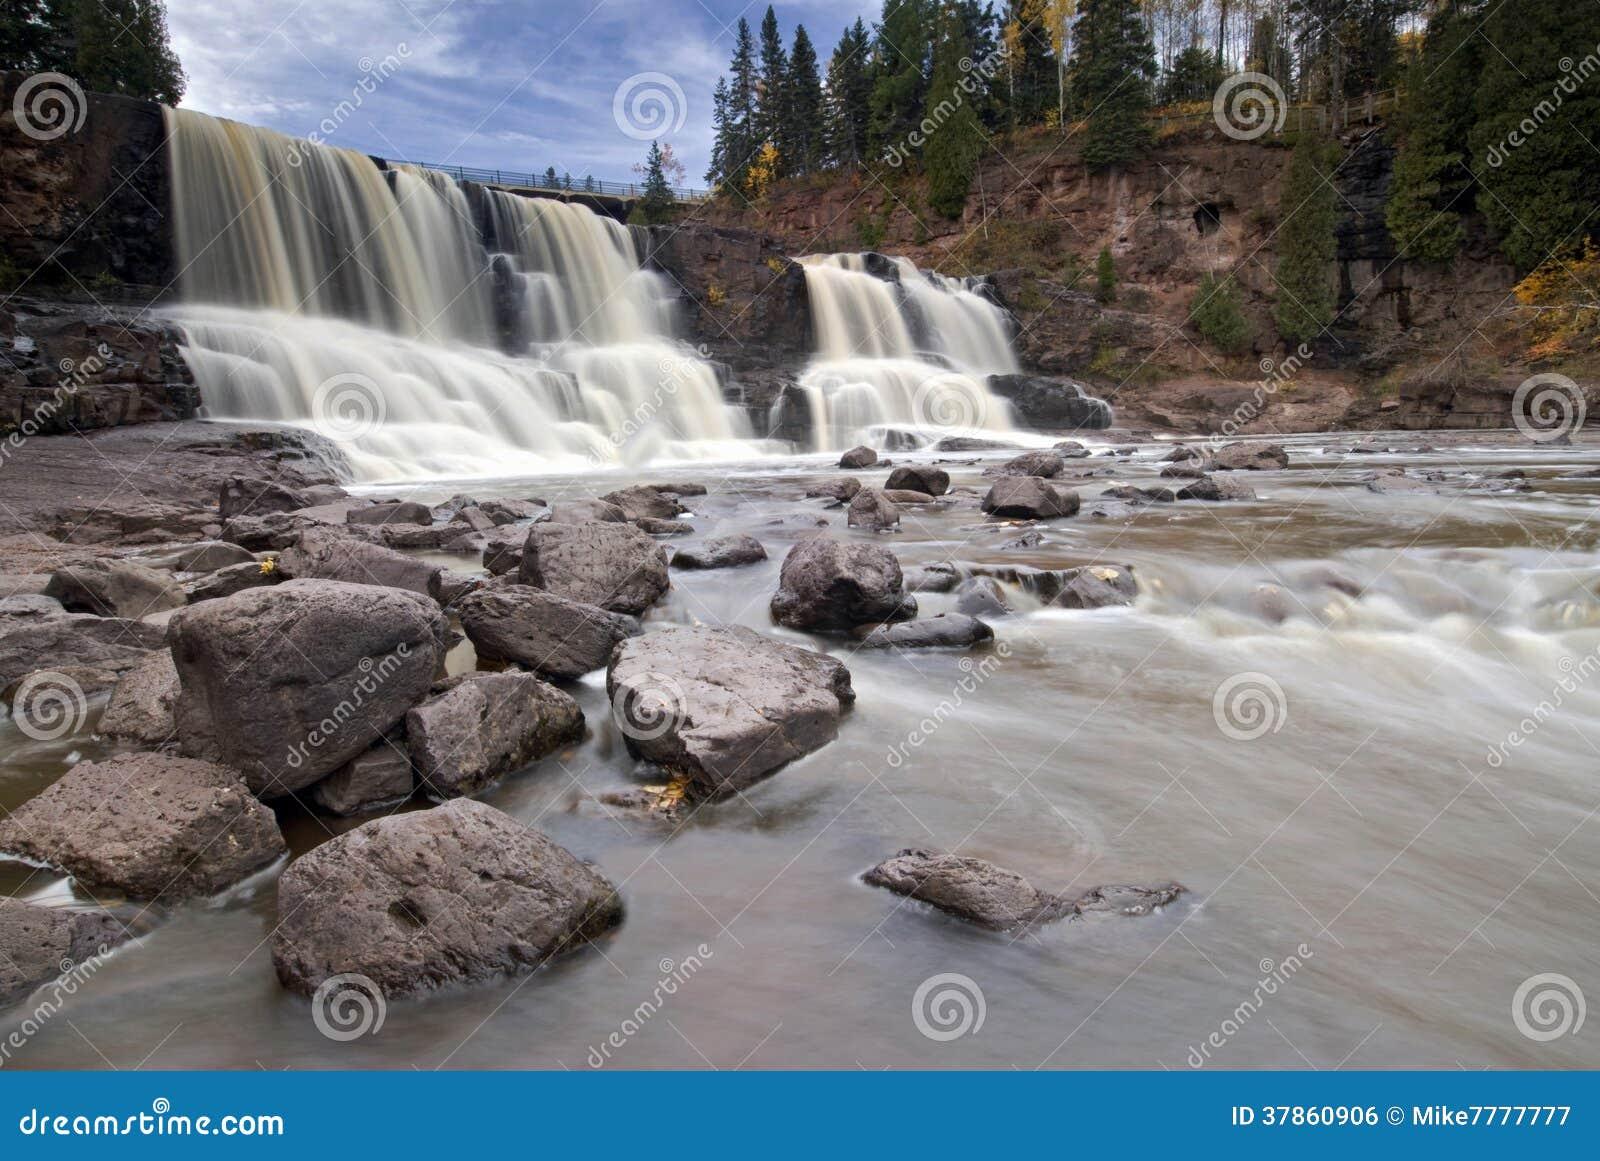 Крыжовник падает, северный берег, Lake Superior, Минесота, США